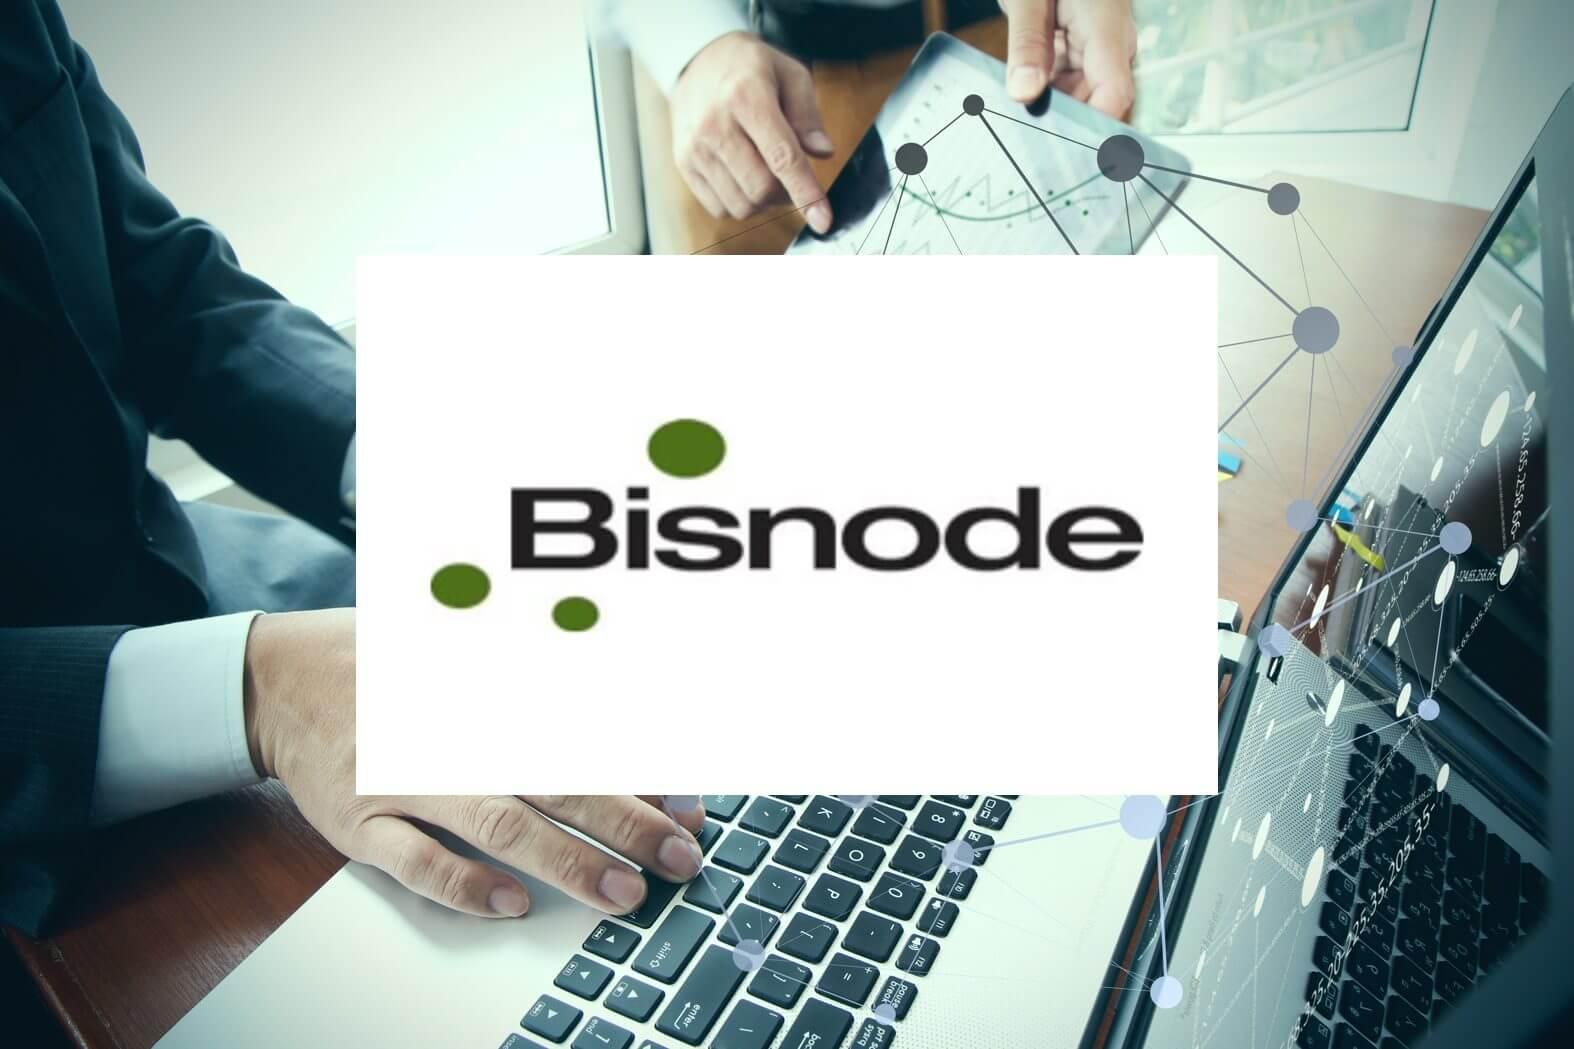 Bisnode: Российские предприниматели теряют интерес - Пражский Телеграф